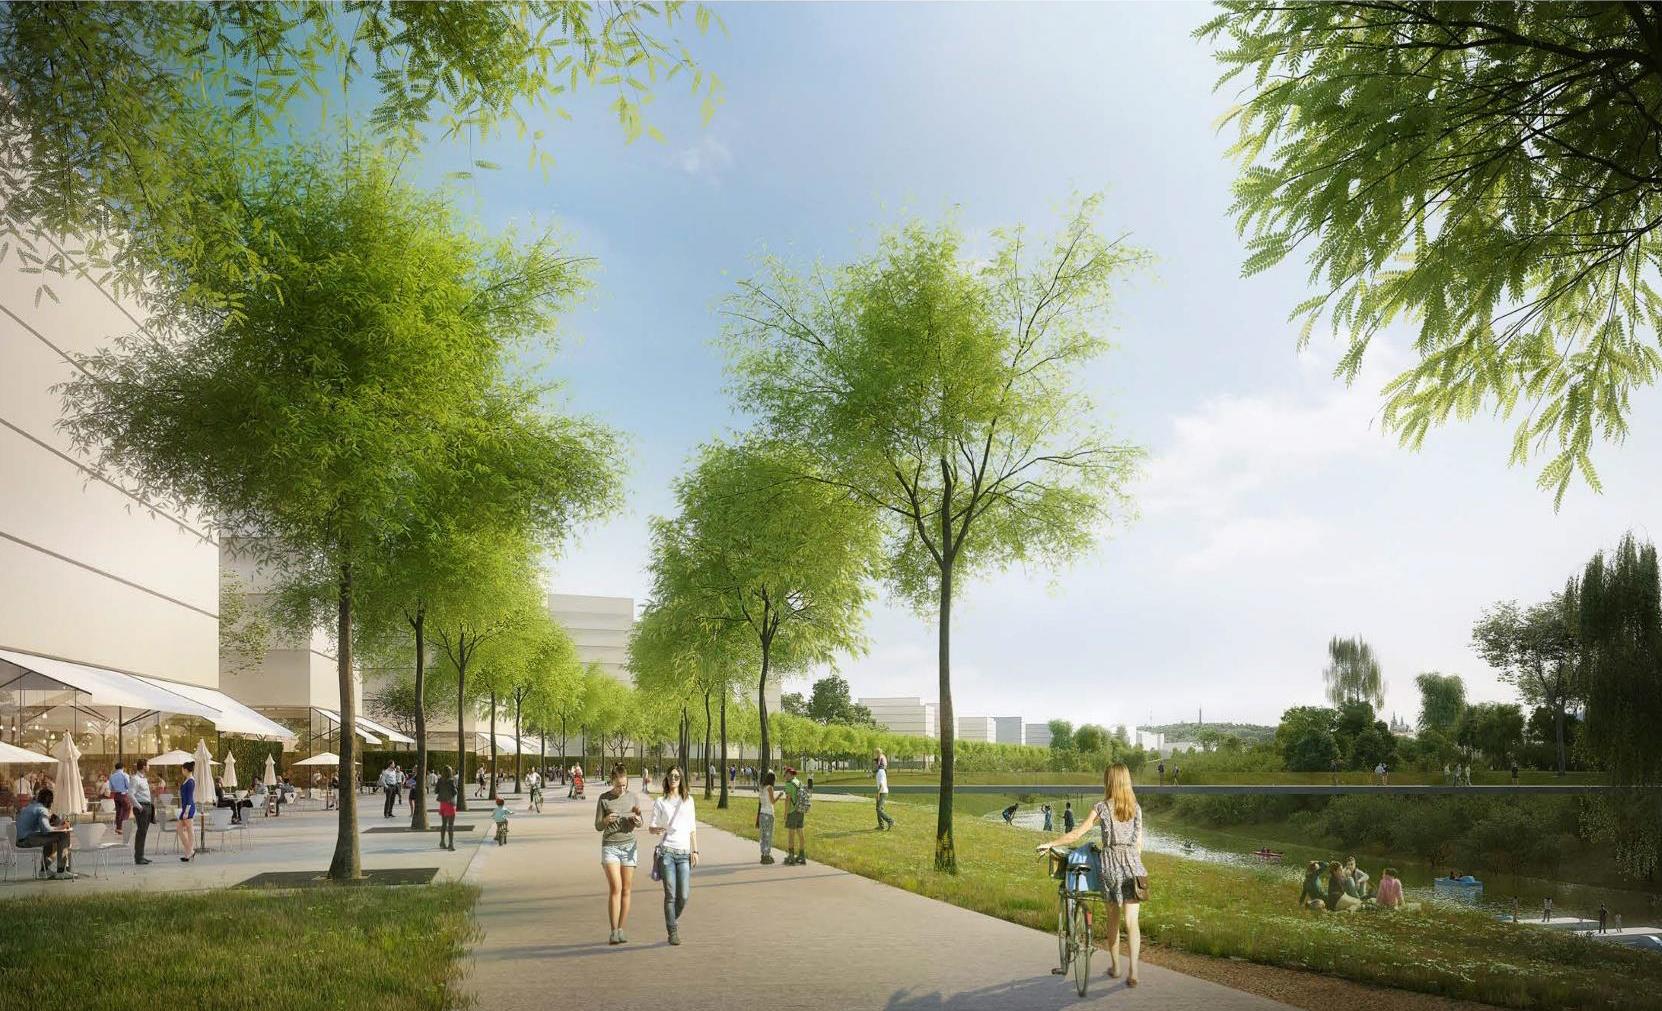 vizualizace nové čtvrti - promenáda má být v místě současné cyklostezky